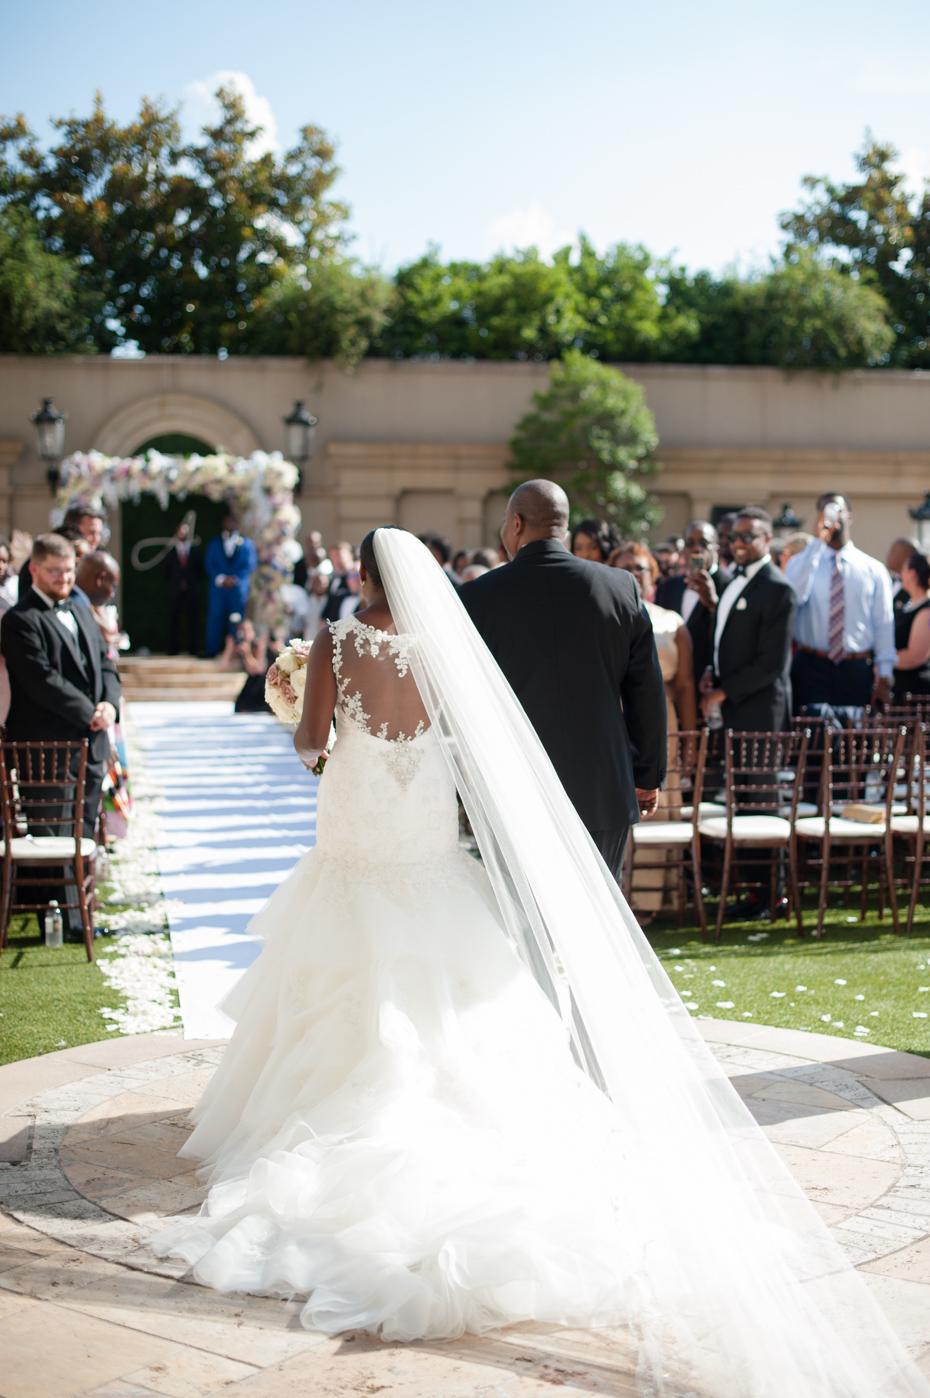 St. Regis Atlanta Outdoor Ceremony Photos